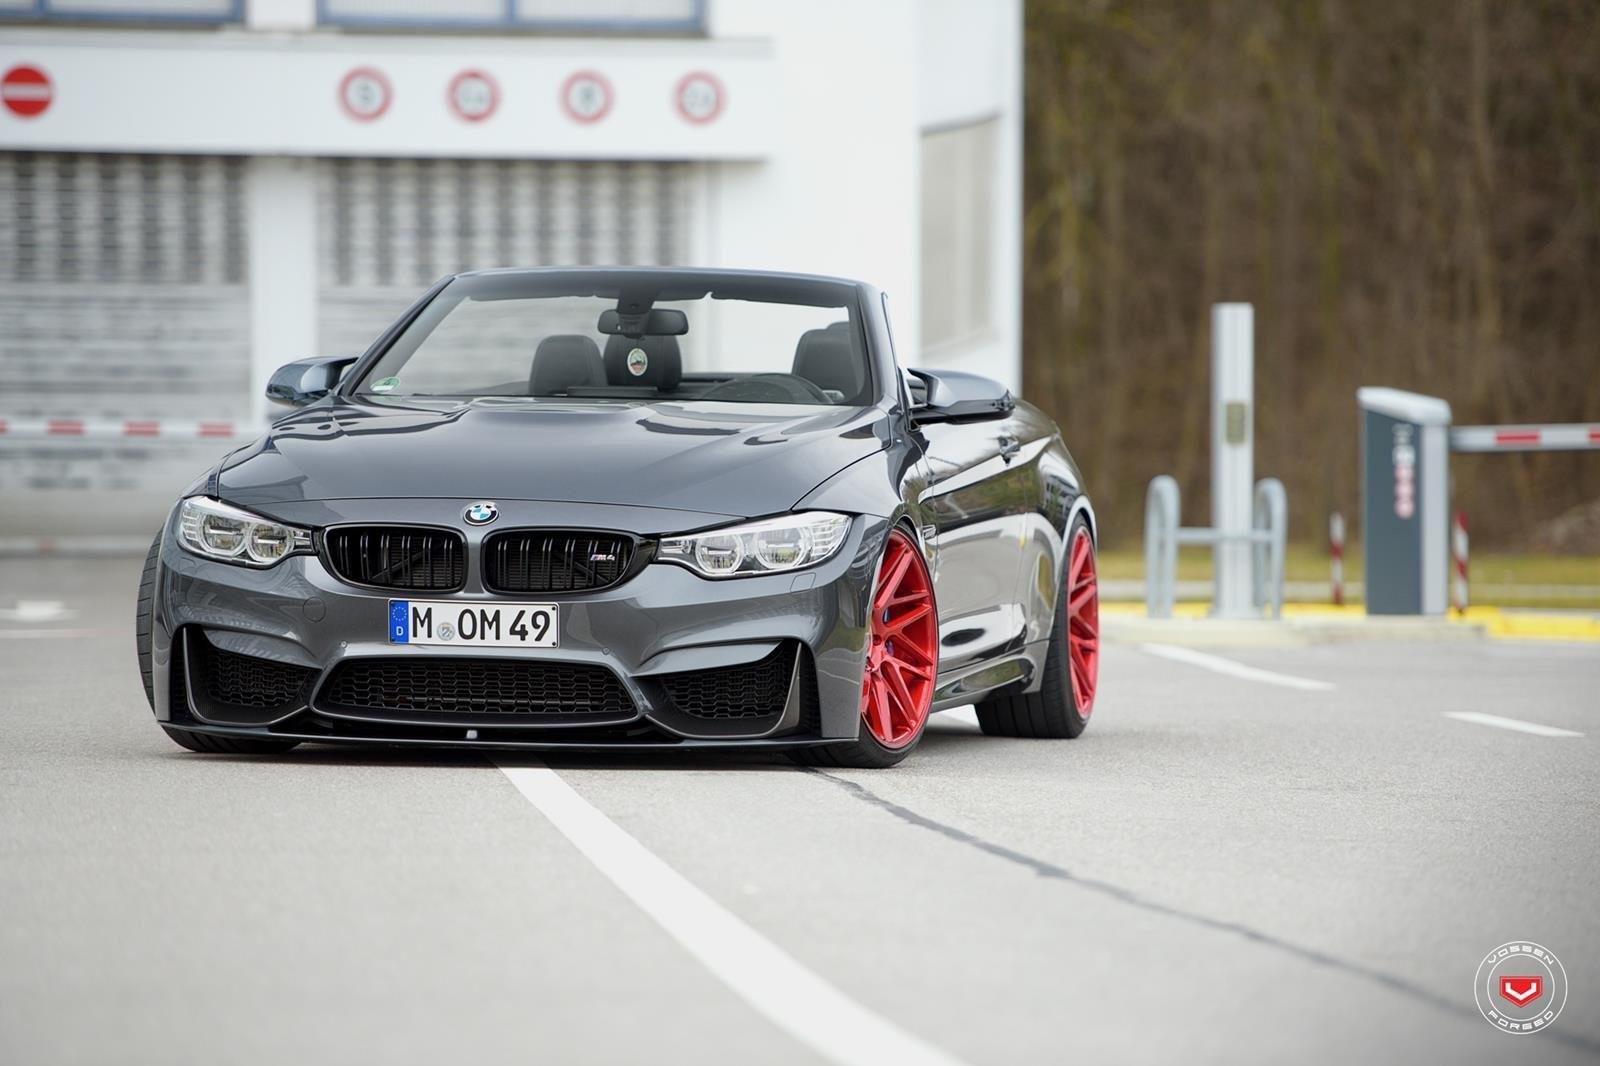 Баварские производители представили кабриолет БМВ М4 скрасными дисками